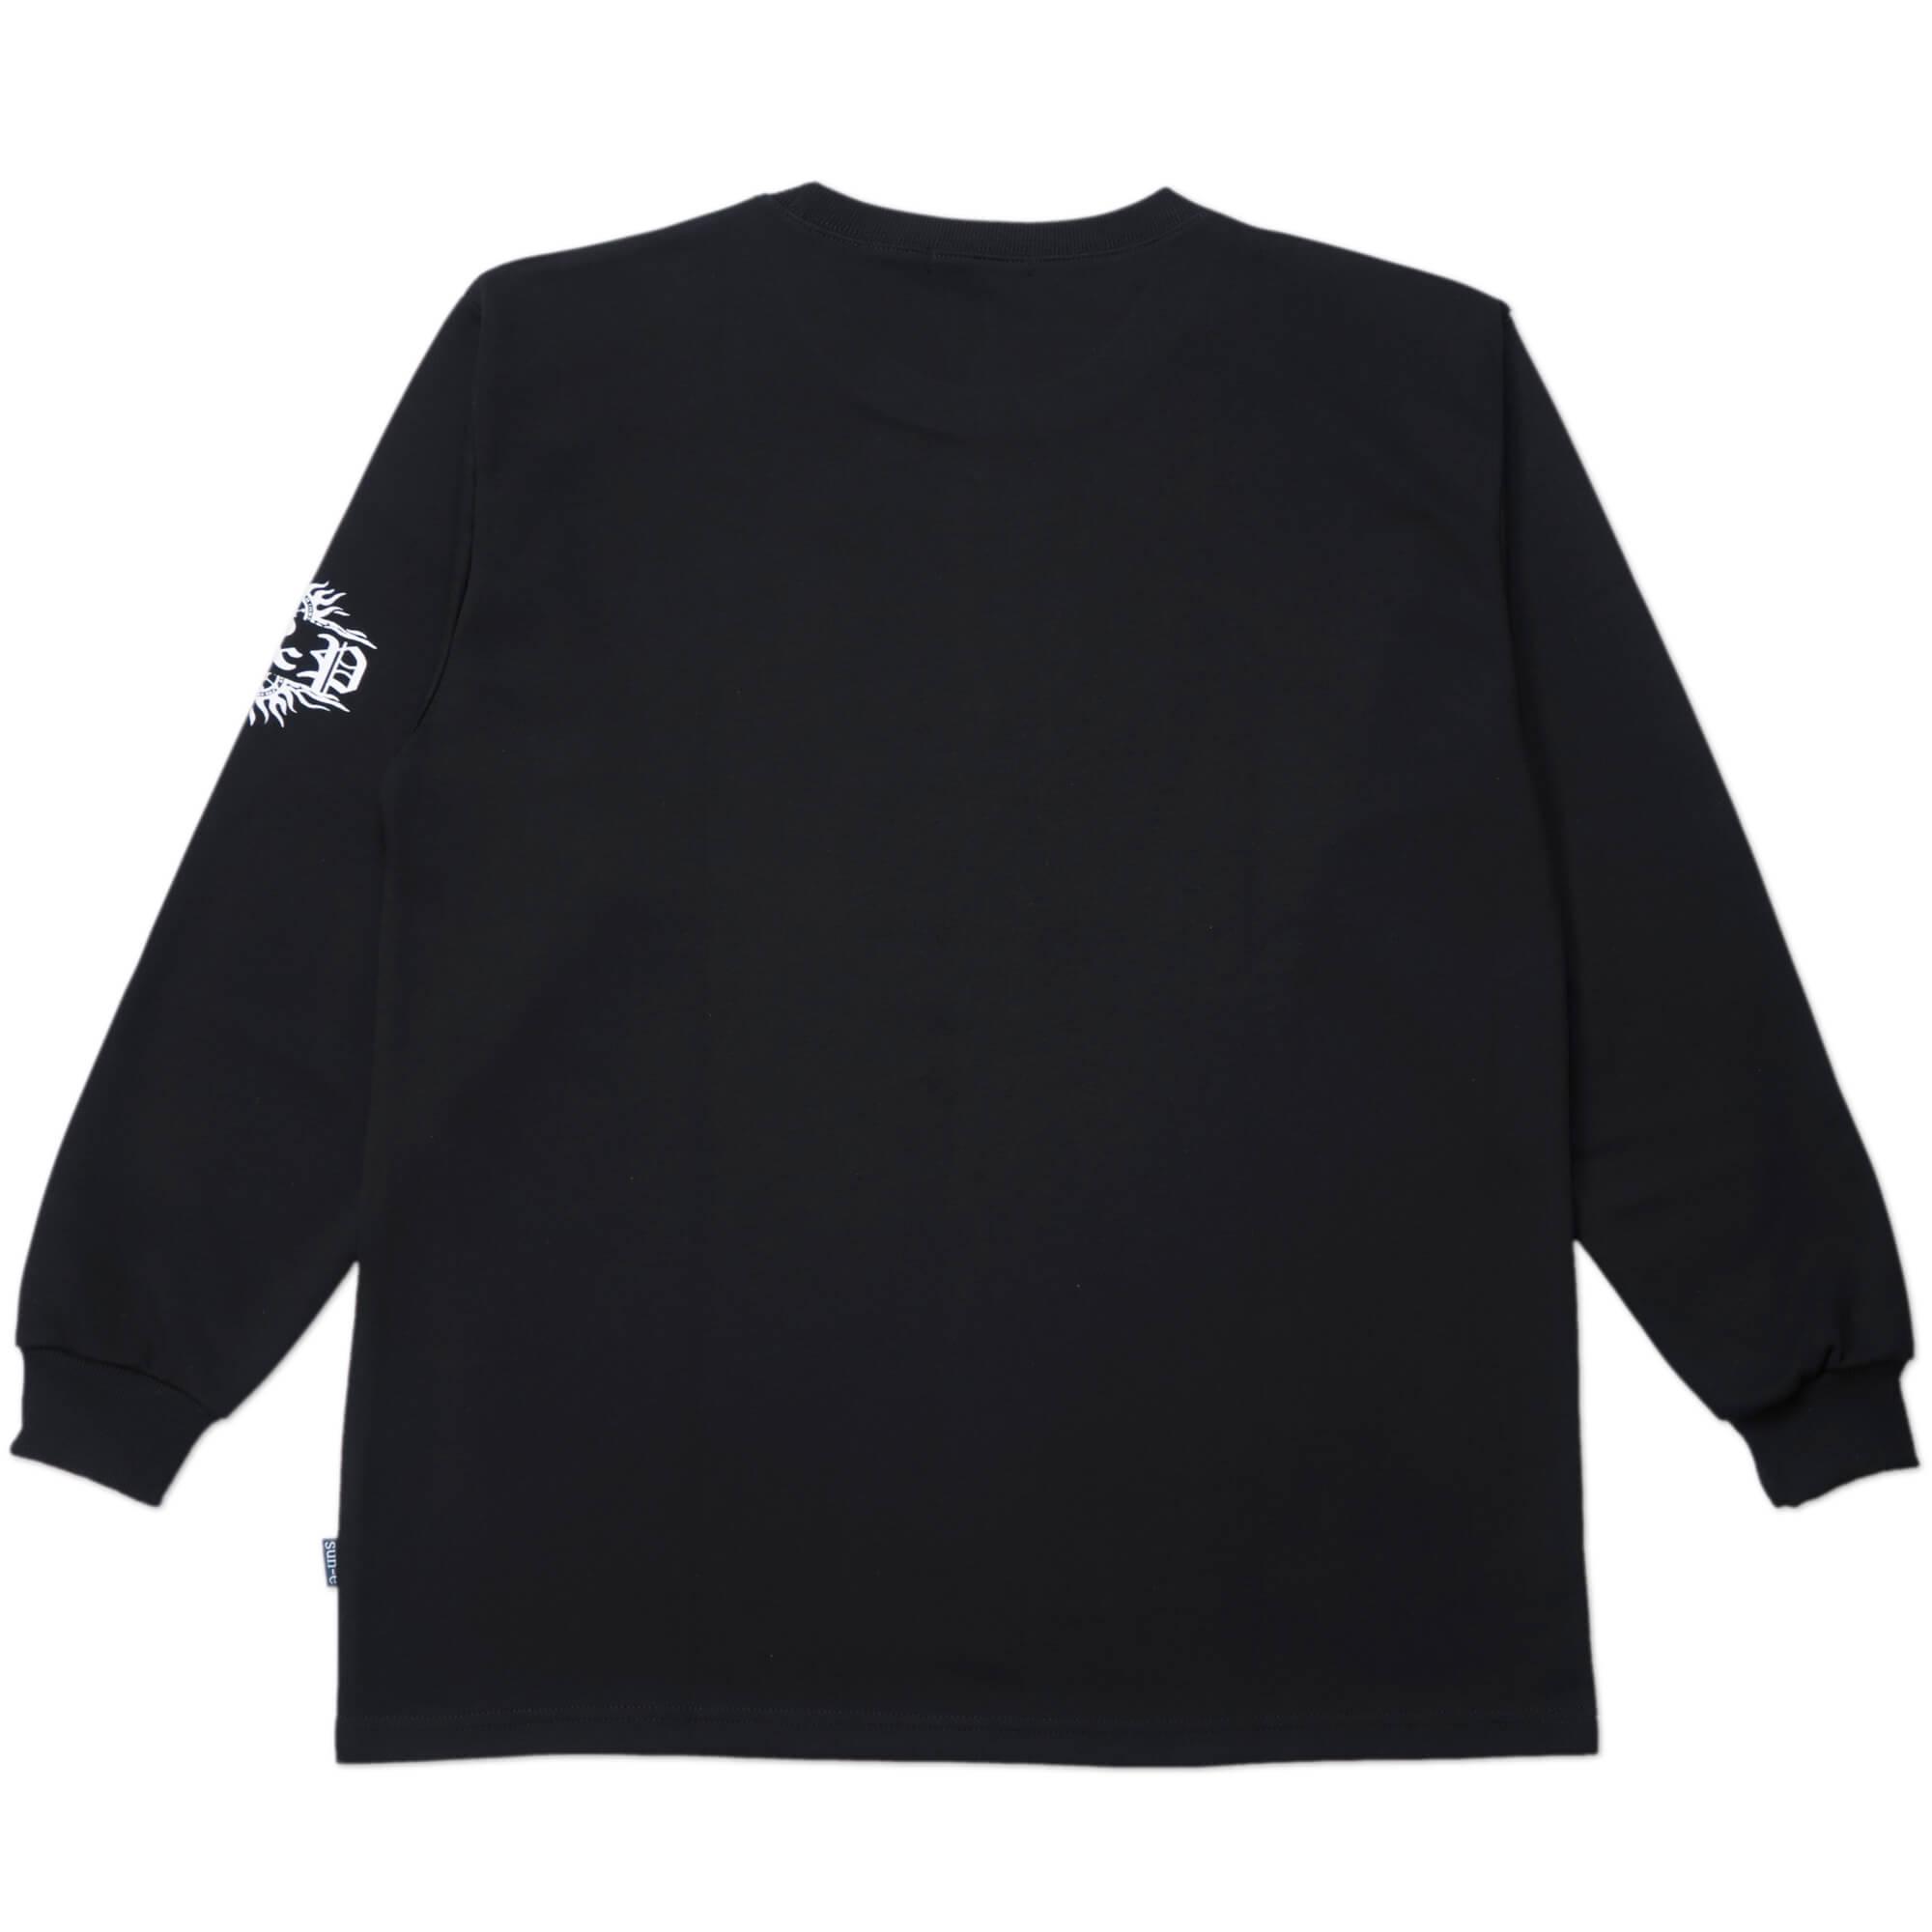 加大尺碼台灣製長袖T恤 哥德體英文字彈性圓領T恤 T-shirt 長袖上衣 休閒長TEE 藍色T恤 黑色T恤 MADE IN TAIWAN NAVY BLUE BIG_AND_TALL (310-0860-08)海軍藍、(310-0860-21)黑色 4L 6L(胸圍52~57英吋) [實體店面保障] sun-e 4